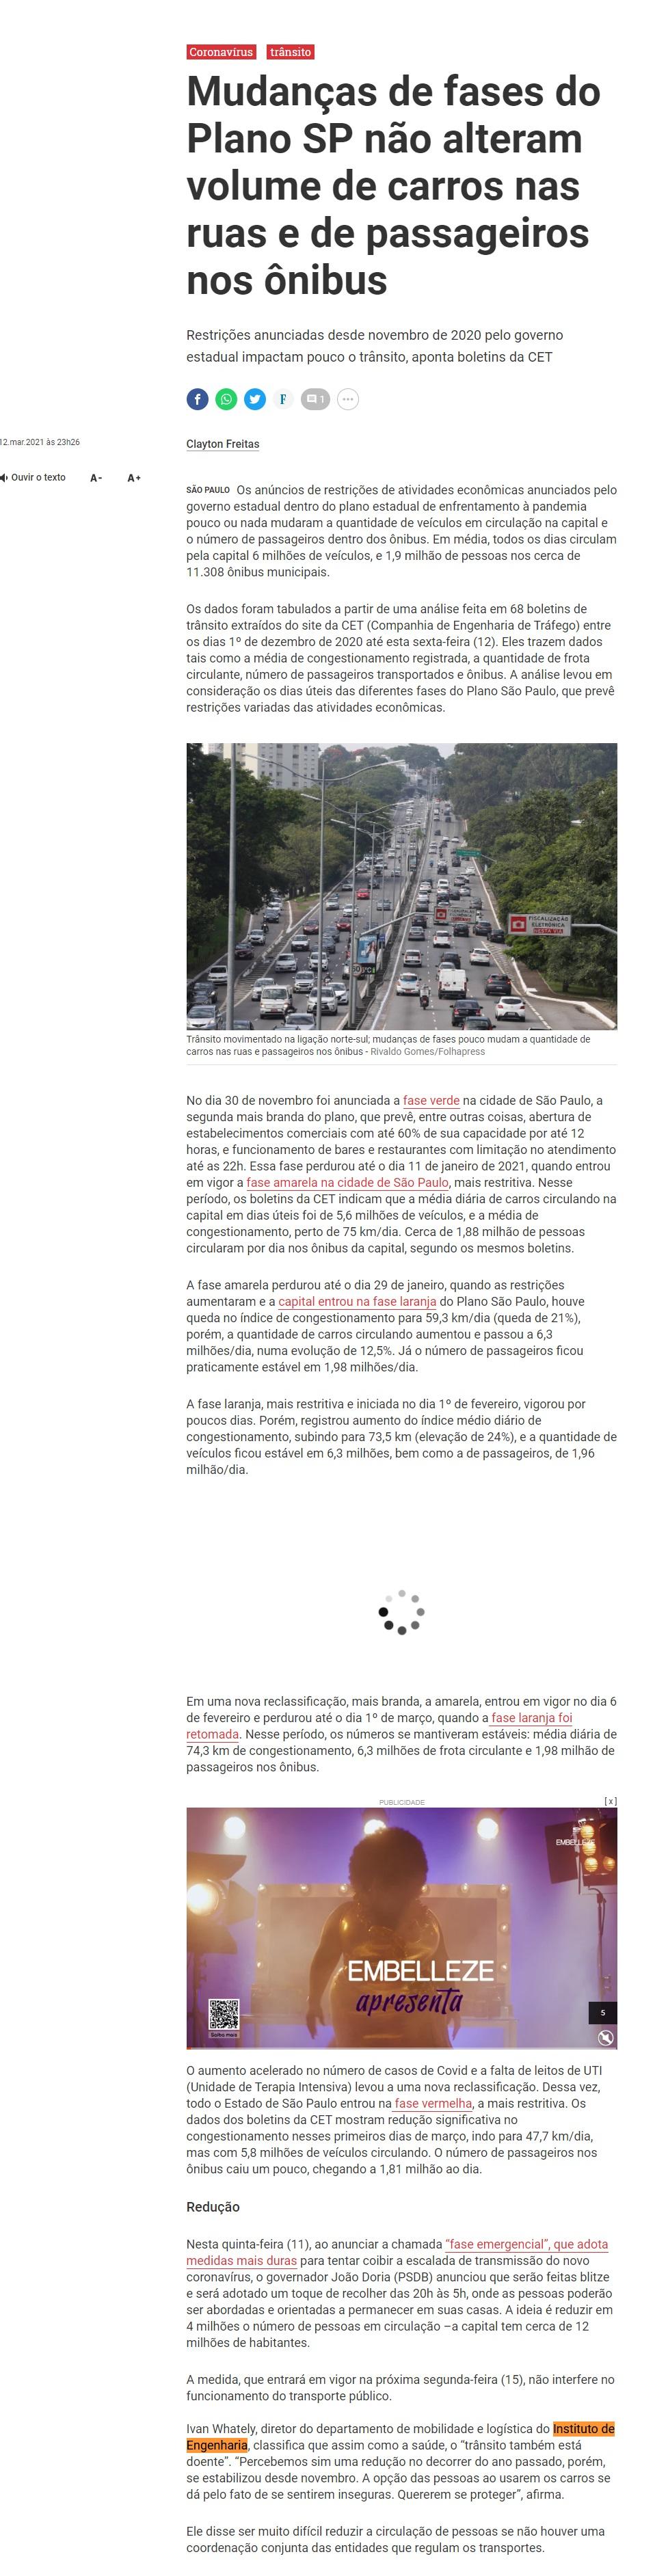 Mudanças de fases do Plano SP não alteram volume de carros nas ruas e de passageiros nos ônibus - Agora São Paulo